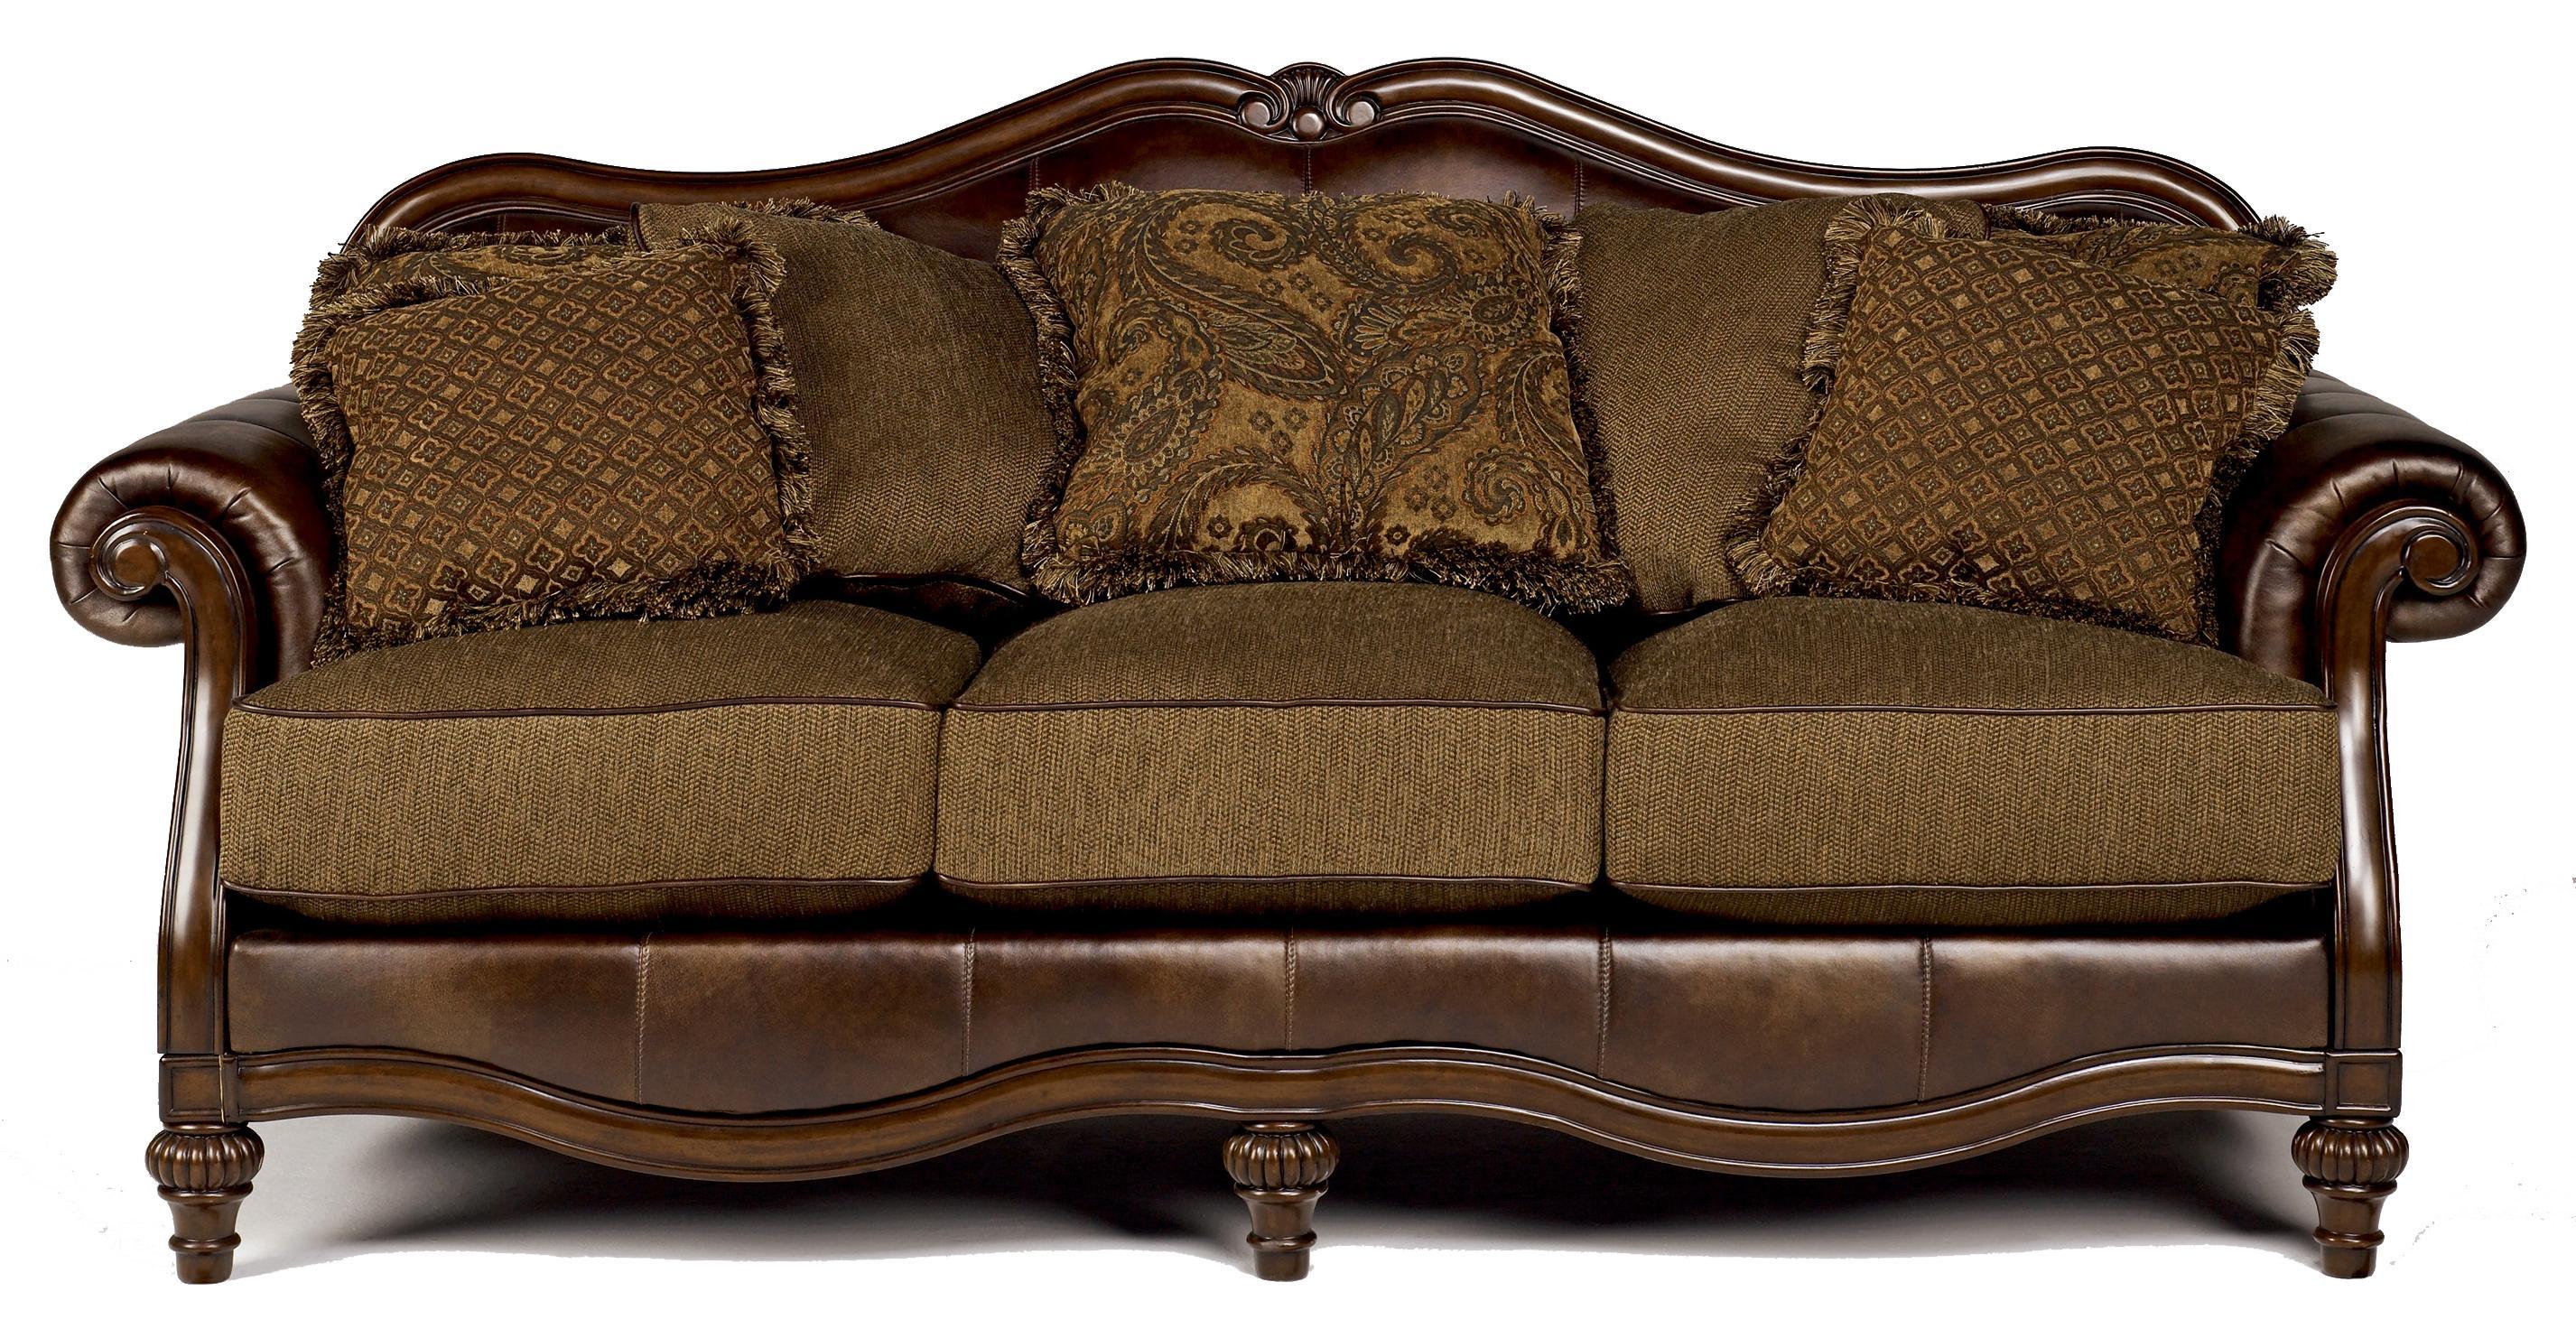 signature design by ashley claremore - antique sofa - item number: 8430338 WUCGHAL